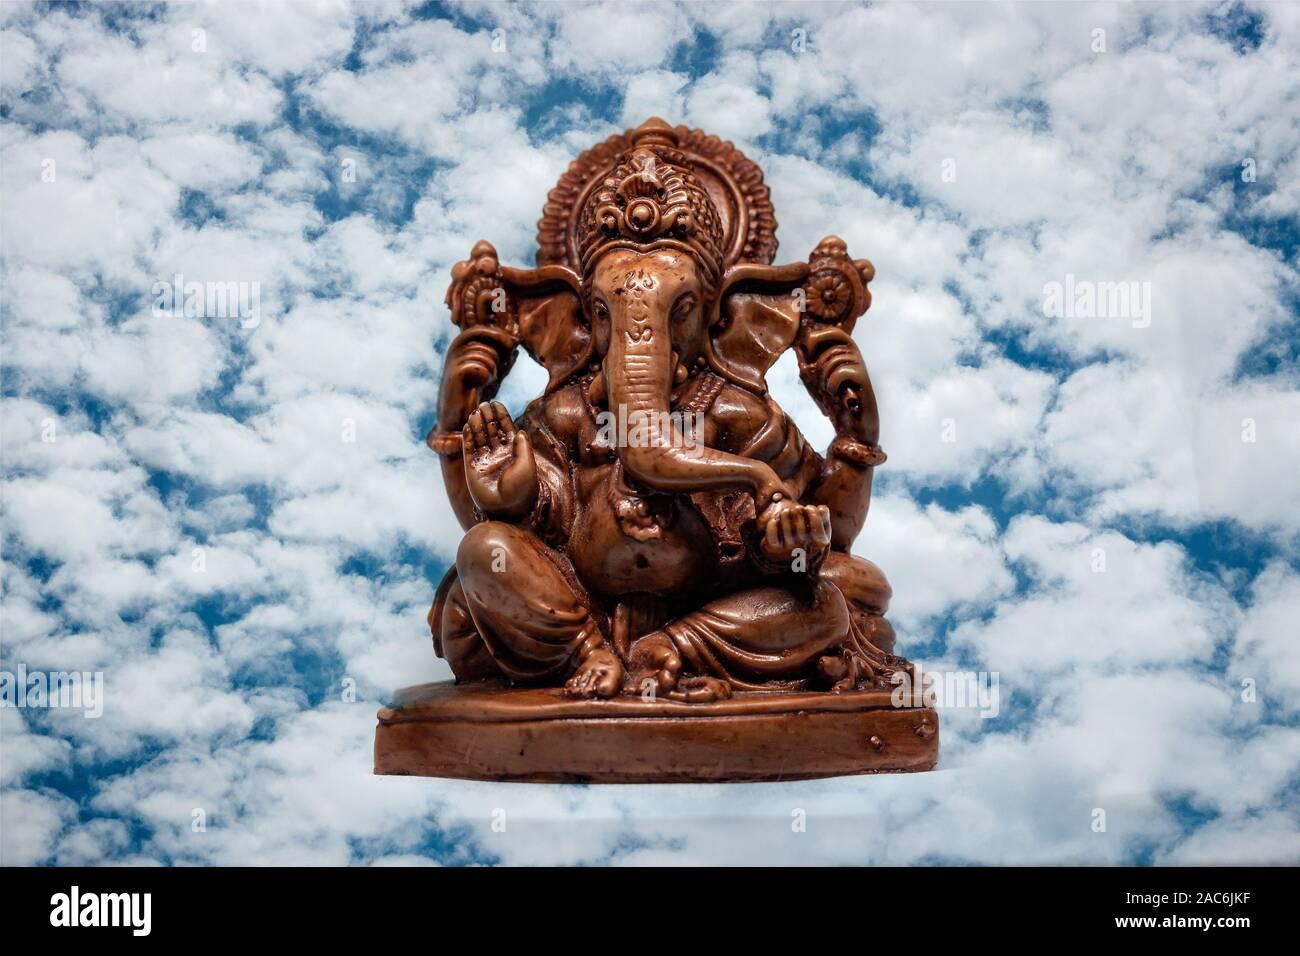 Estatua de madera del dios hindú Ganesha, religión hindú Foto de stock